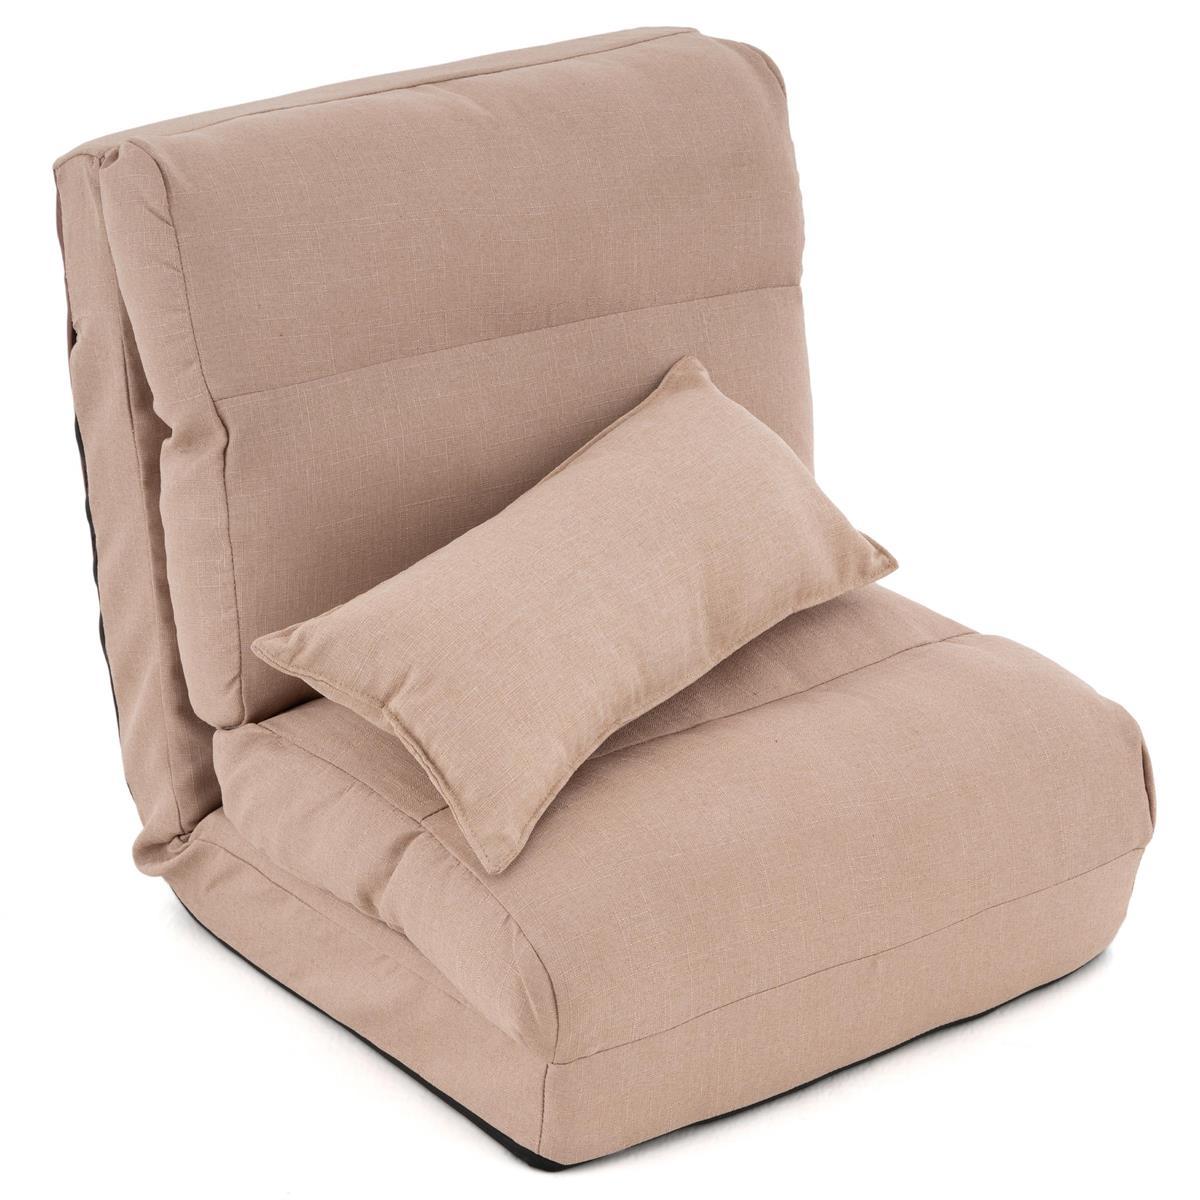 Schlafsessel Khaki 220 x 60 x 14 cm verstellbarer Lounger Bodensessel